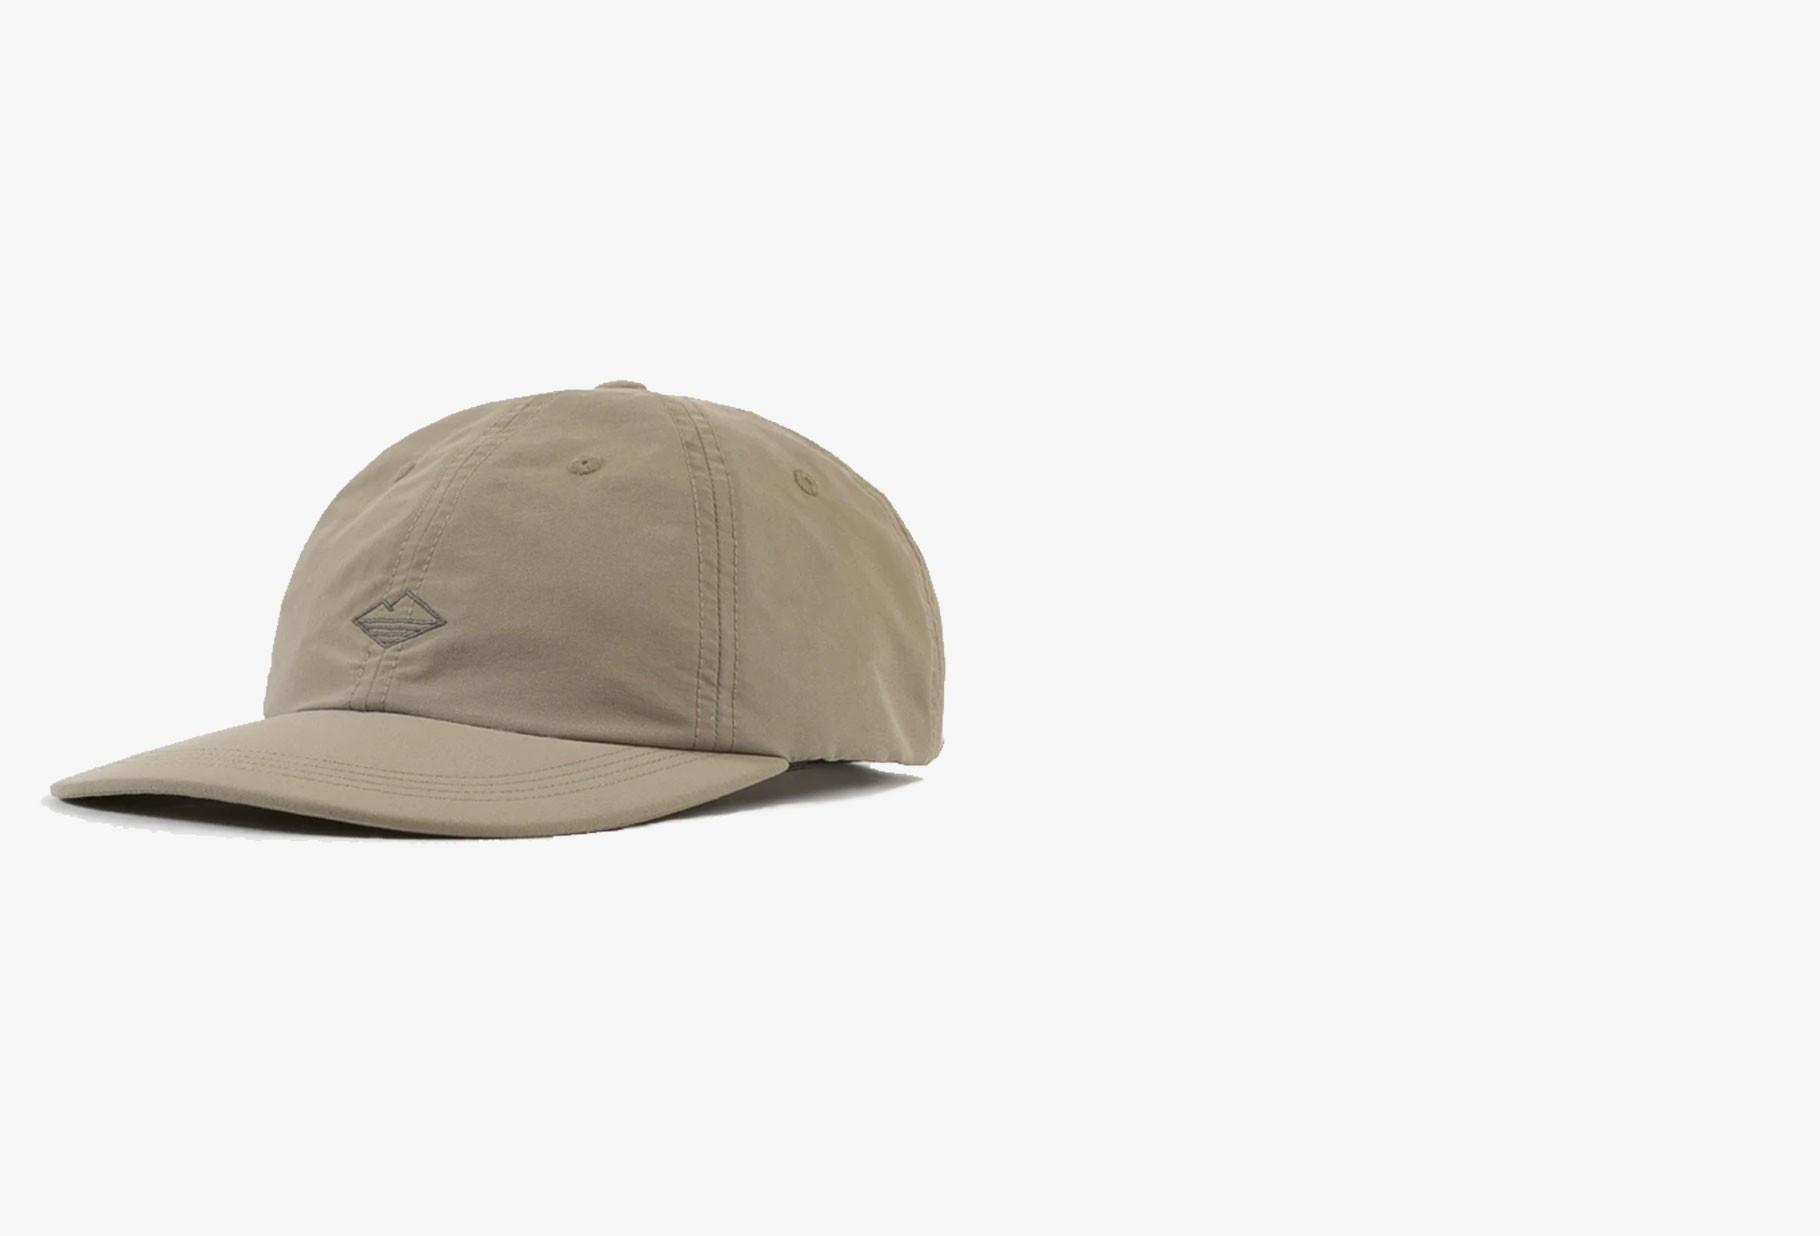 BATTENWEAR / Nylon field cap Tan